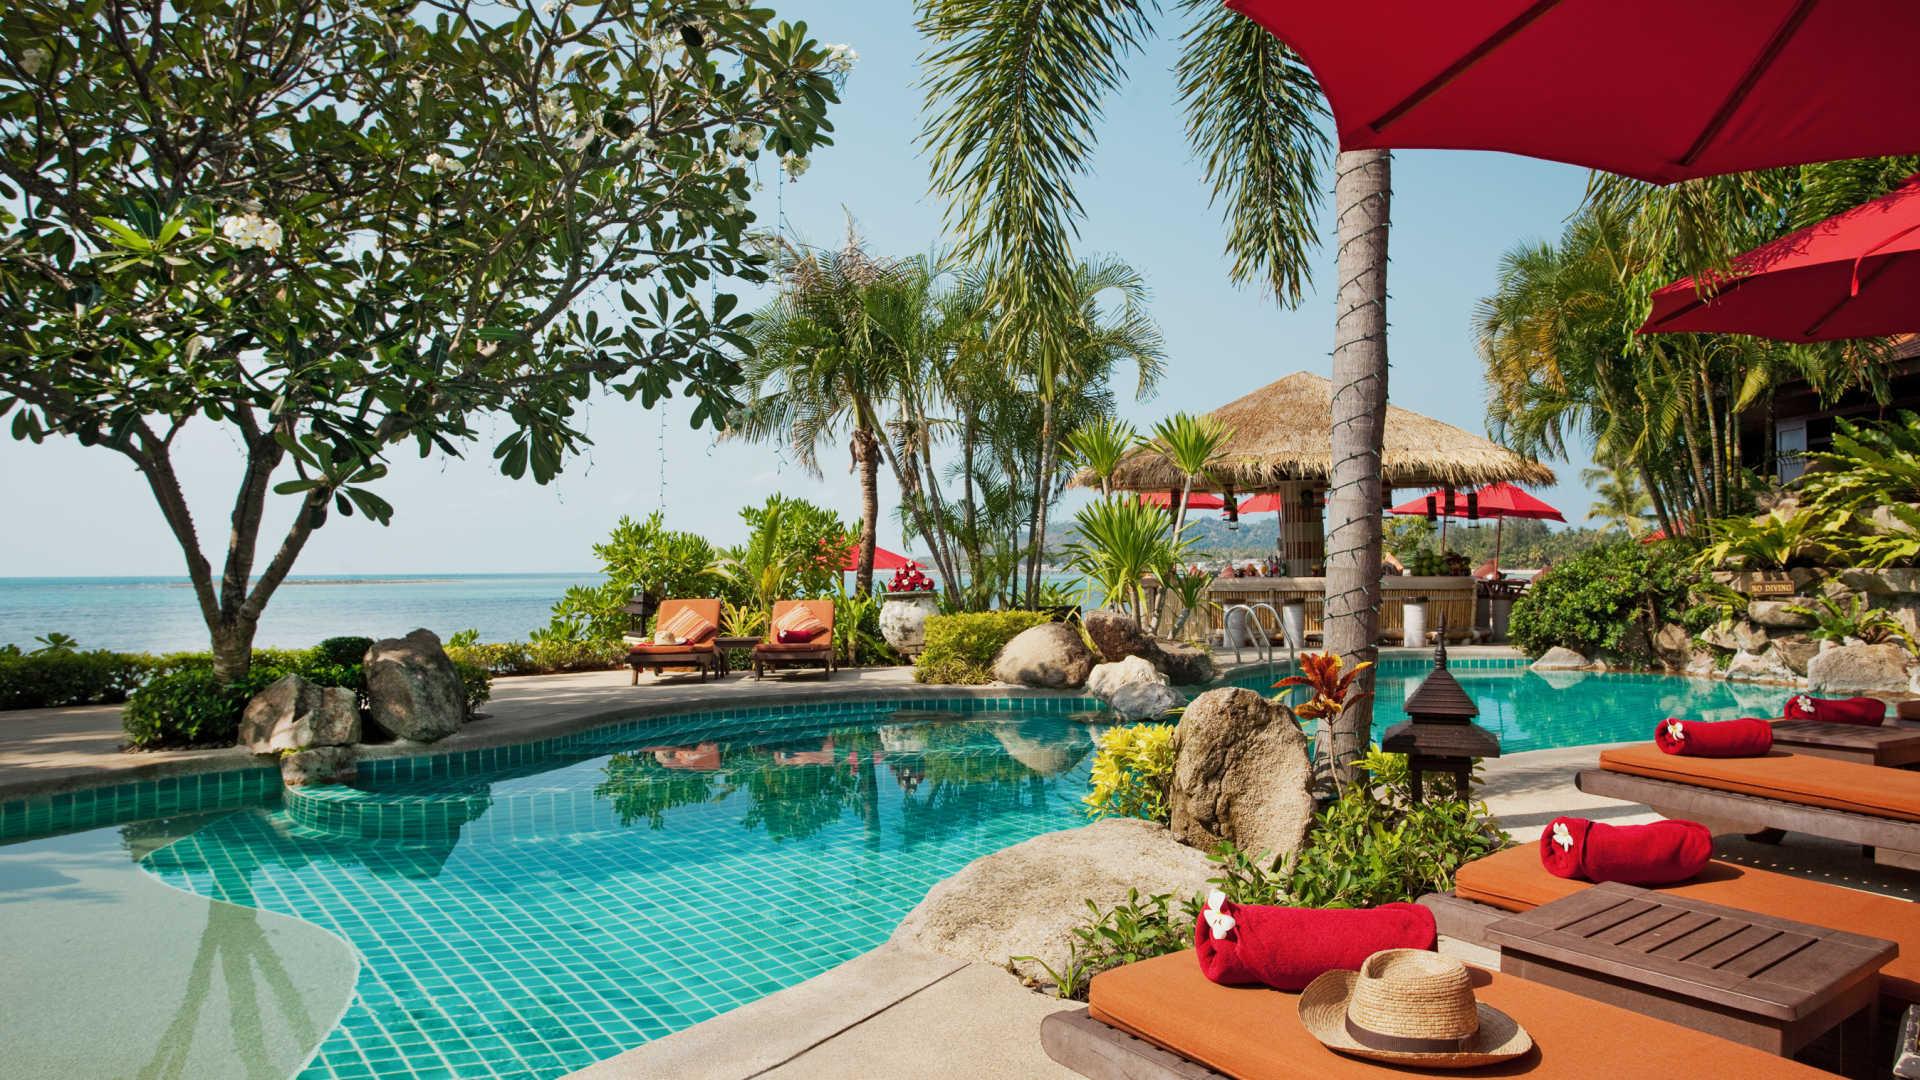 مناطق تستحق الزيارة : تايلاند